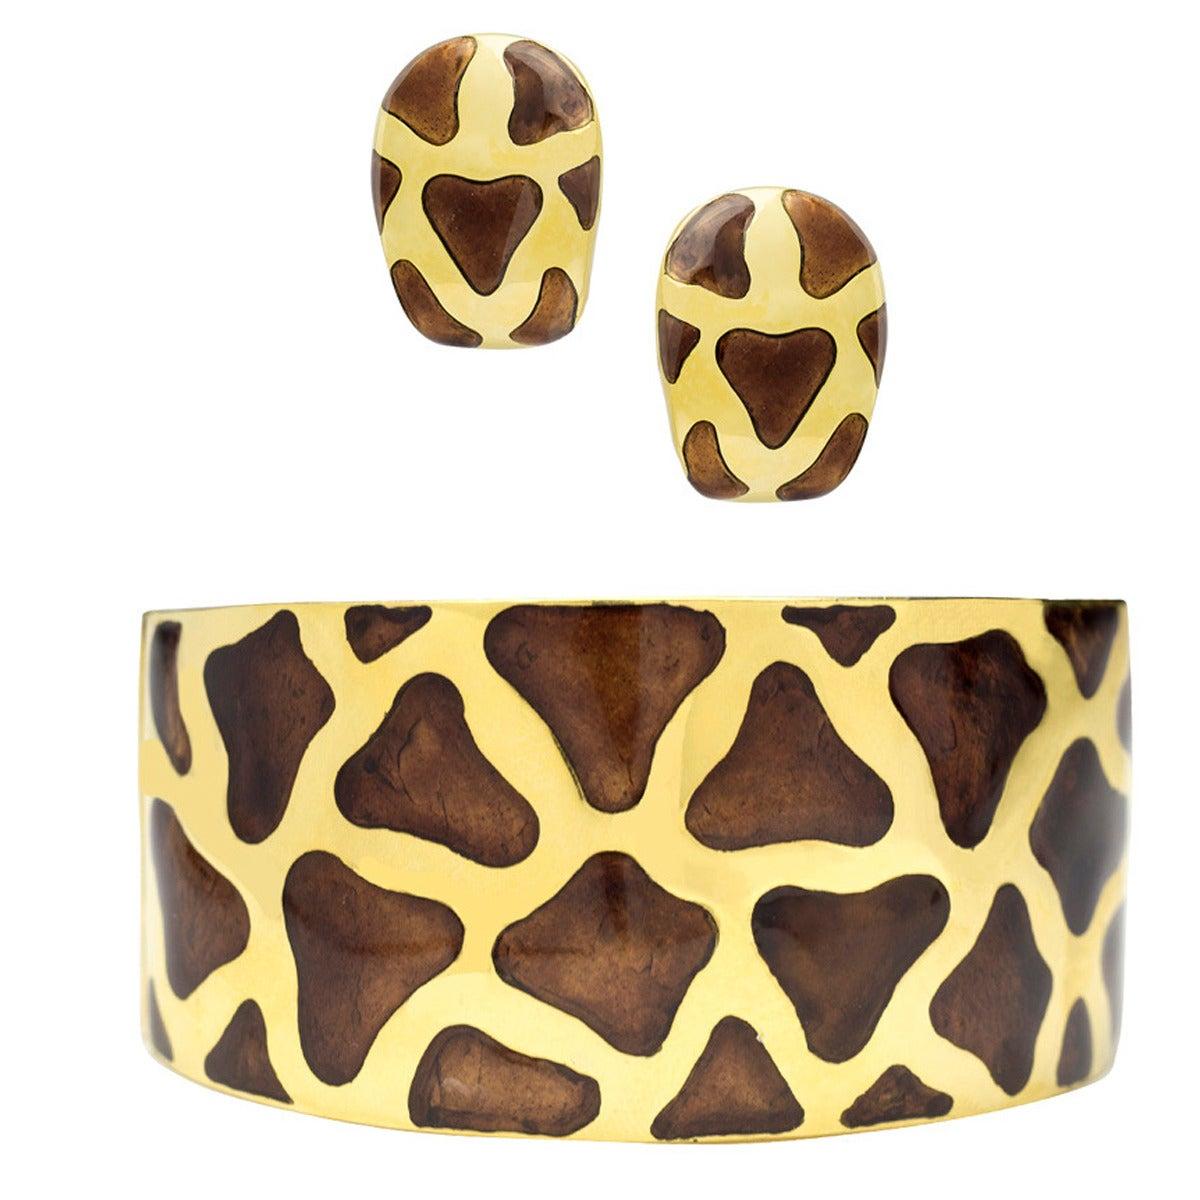 Roberto Coin Enamel Gold Giraffe Motif Bracelet And Earrings Set 1